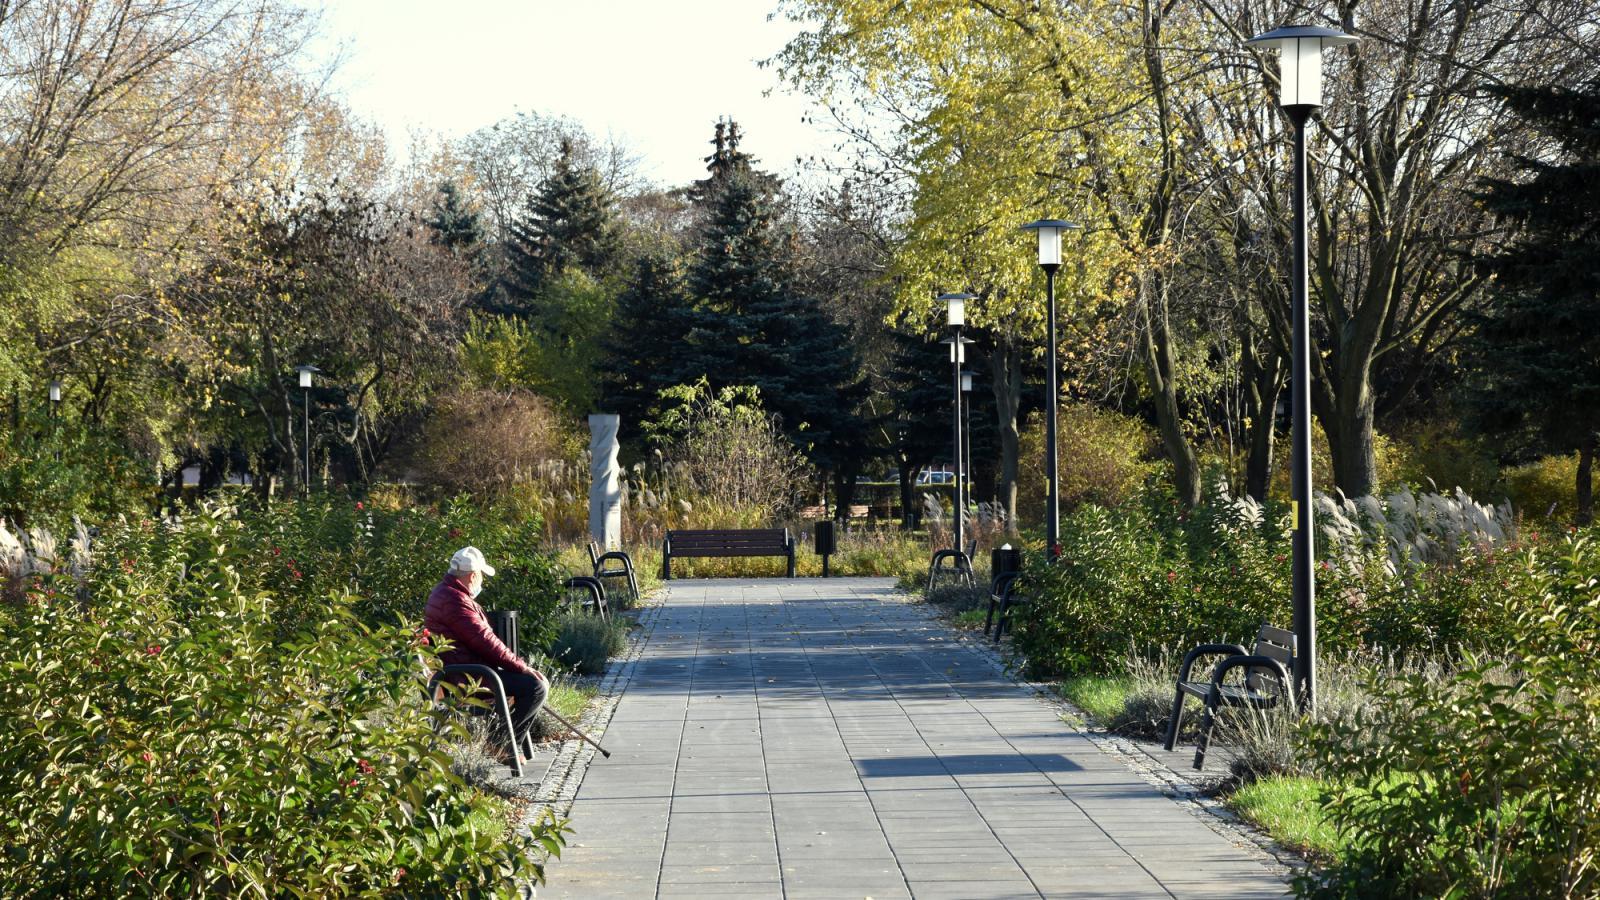 ALejka w parku, na drugim planie mieszkaniec odpoczywający na ławce